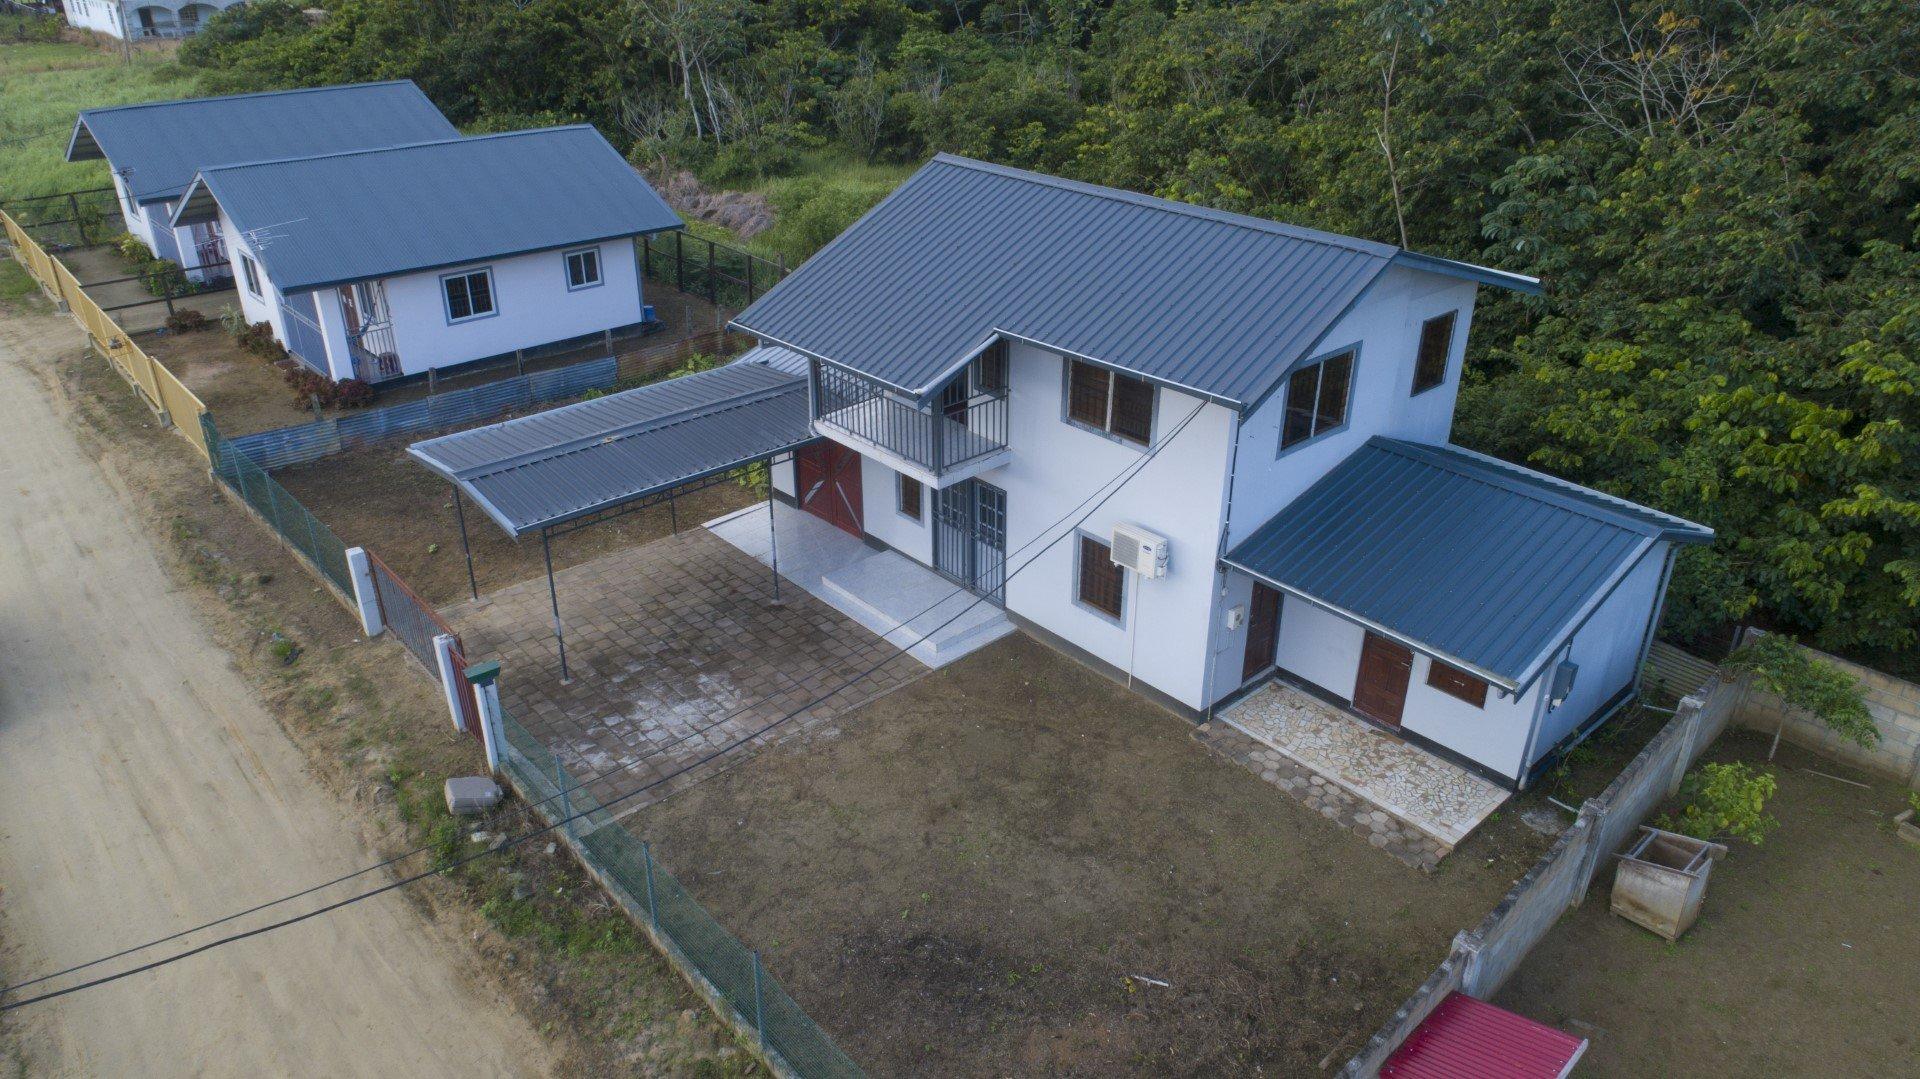 Henkie Spalburgweg 62 - Wonen in een rustige natuurrijke omgeving te Sophia's Lust, dicht bij de Derde Rijweg. - Surgoed Makelaardij NV - Paramaribo, Suriname